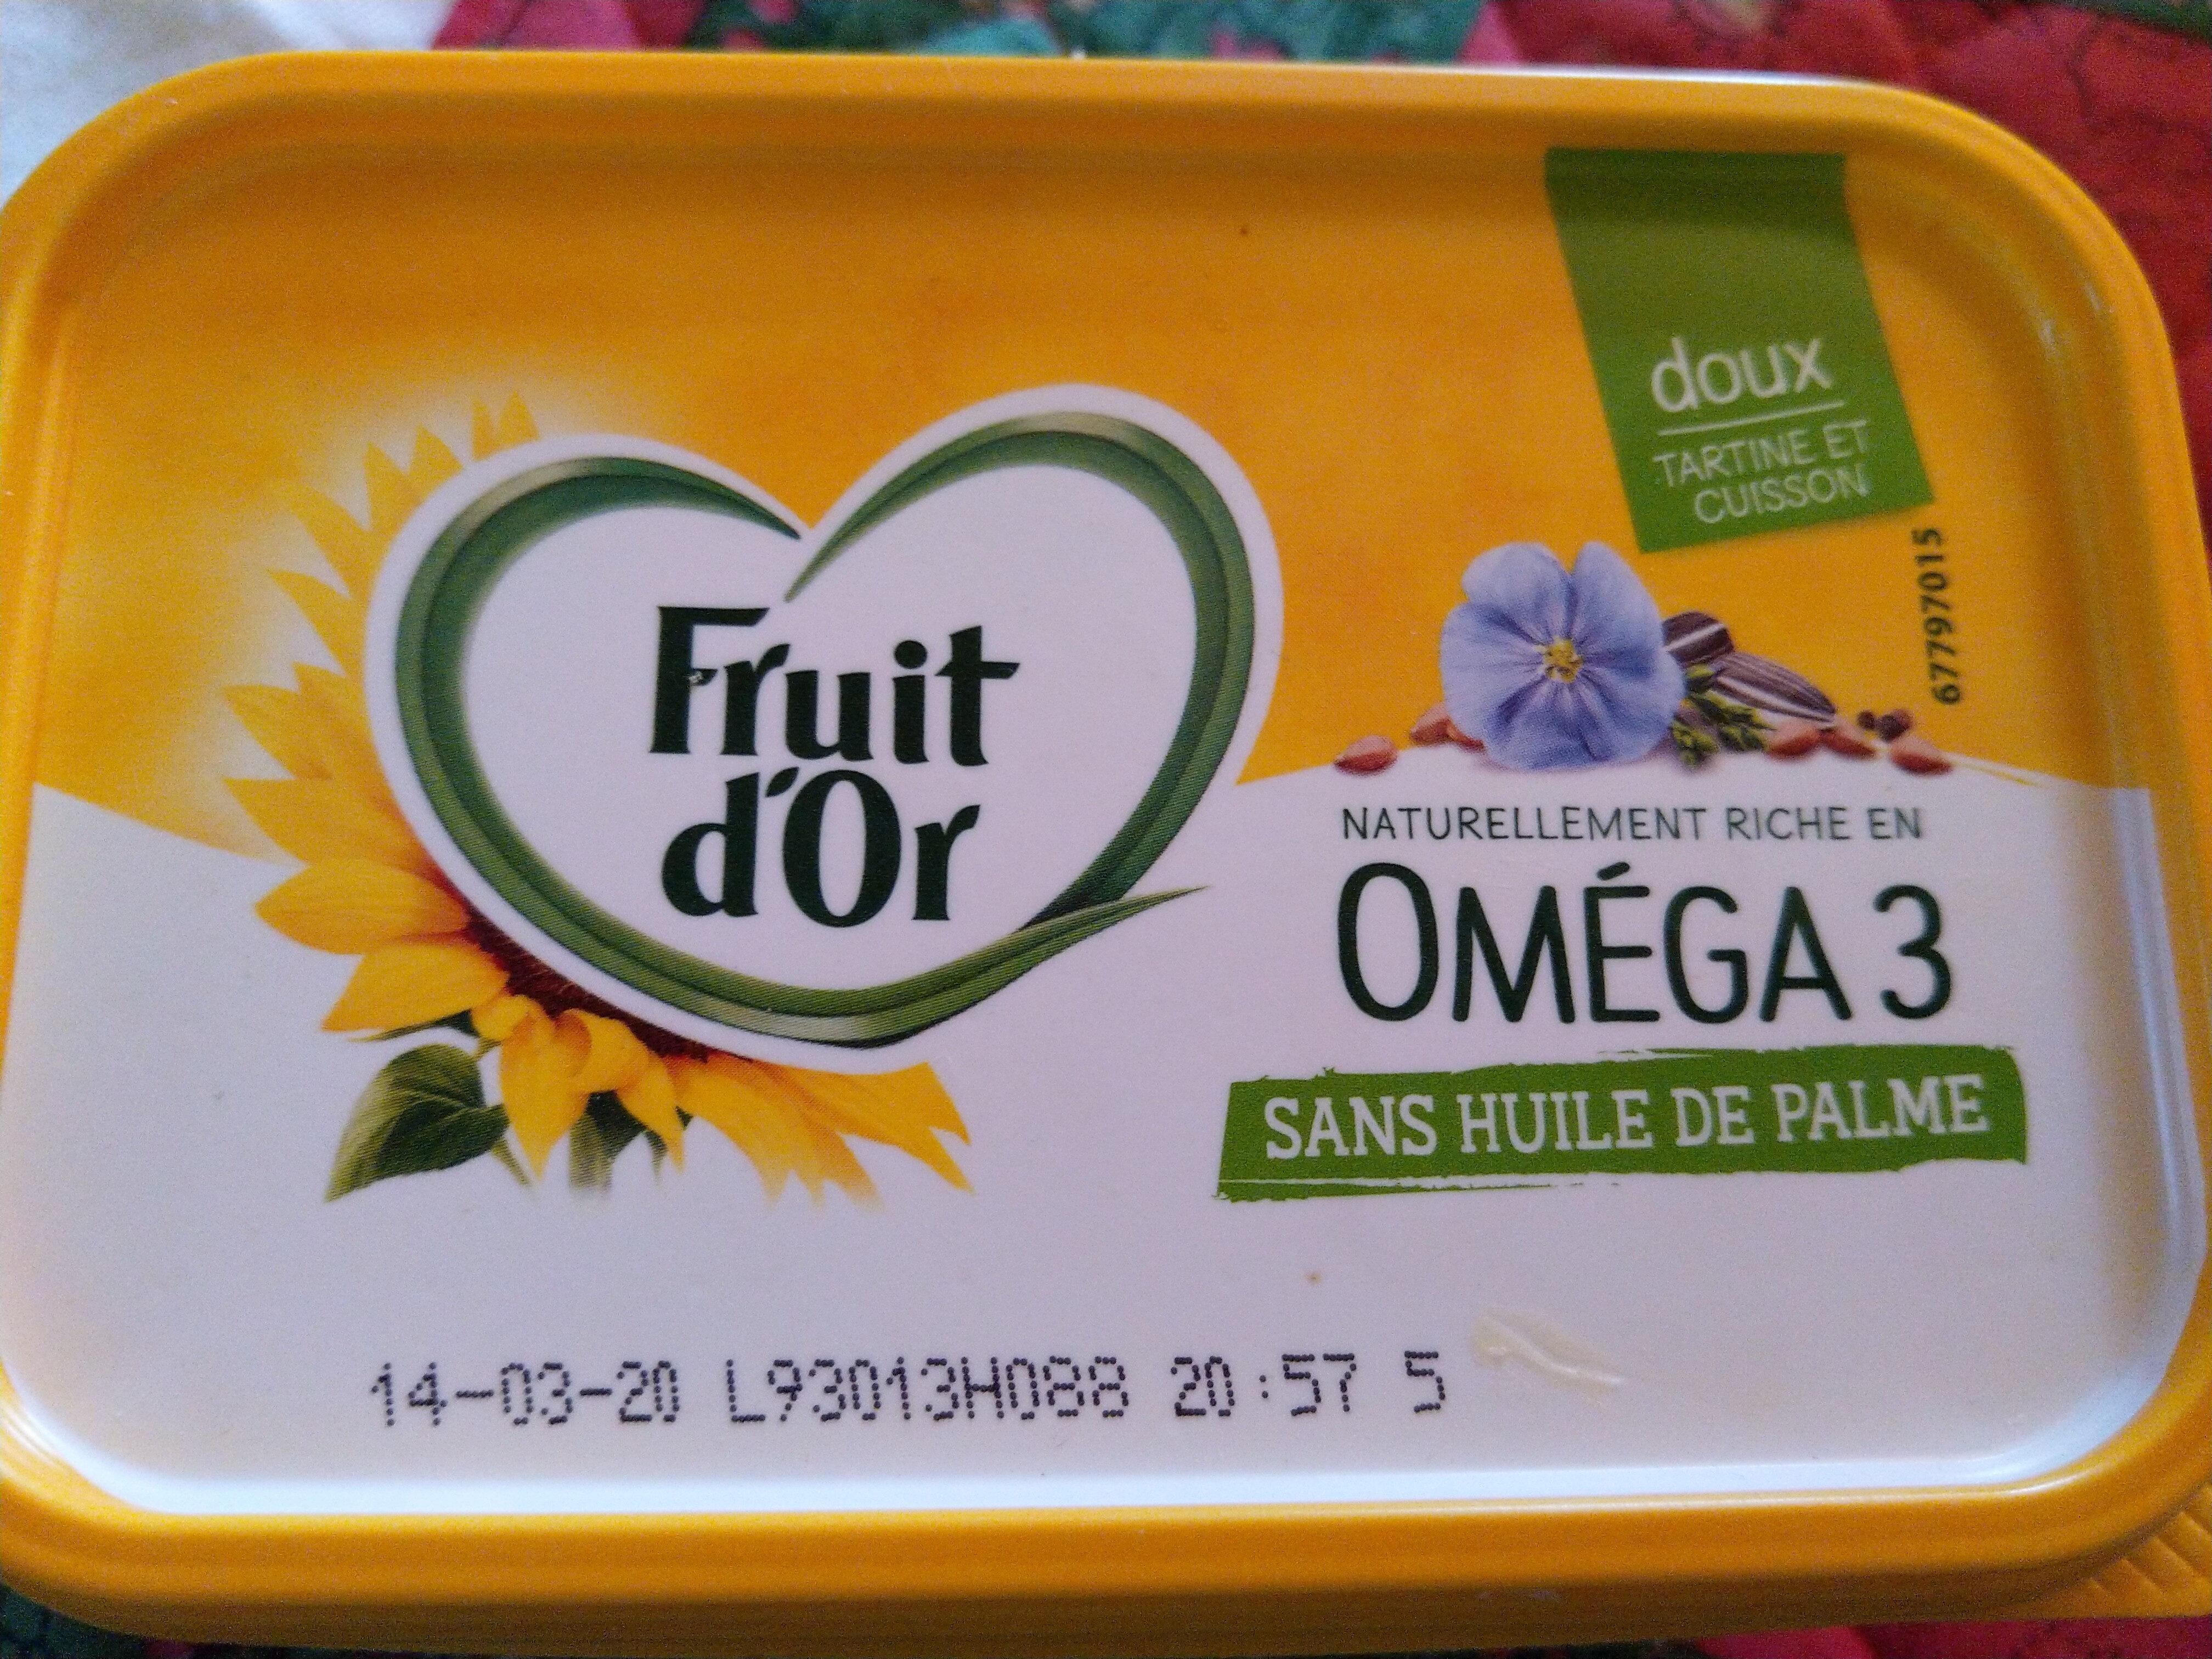 Fruit d'or doux - Product - fr